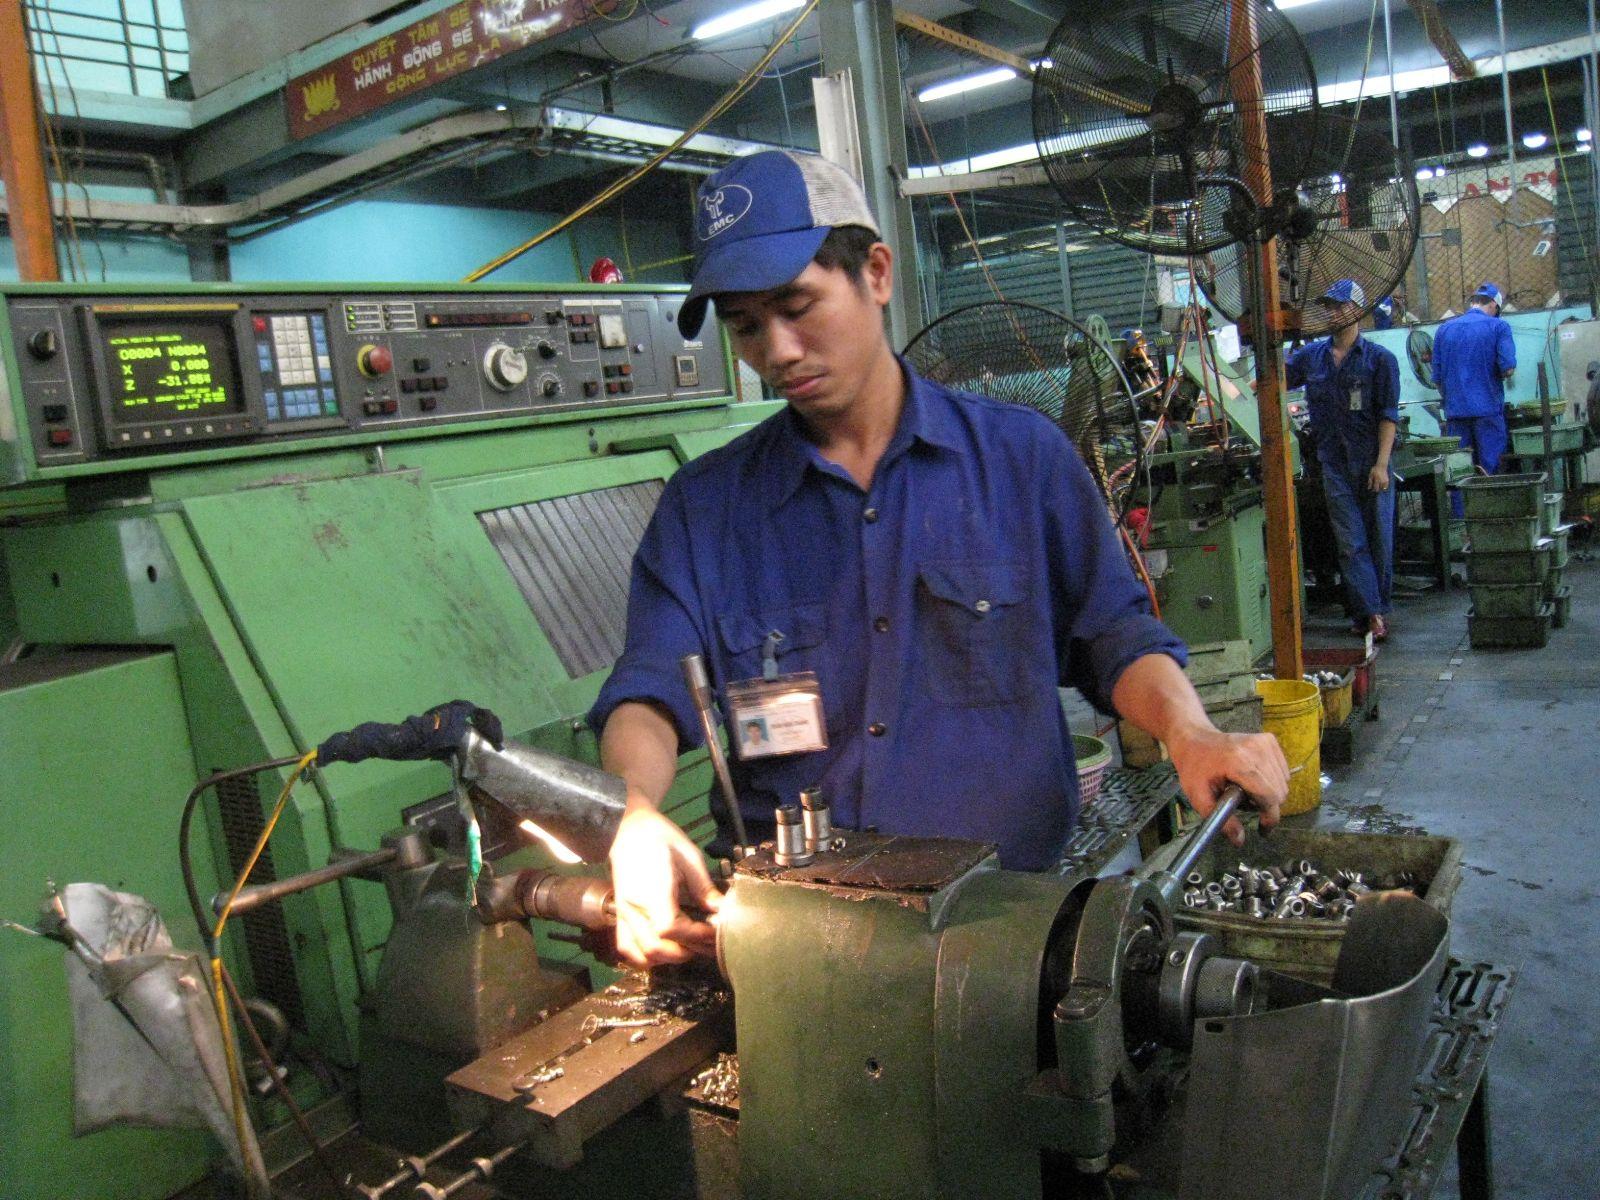 T9/2017 - Tuyển 06 nam Gia công đồ gá và dụng cụ, chế tạo khuôn mẫu làm việc tại tỉnh Aichi Nhật Bản